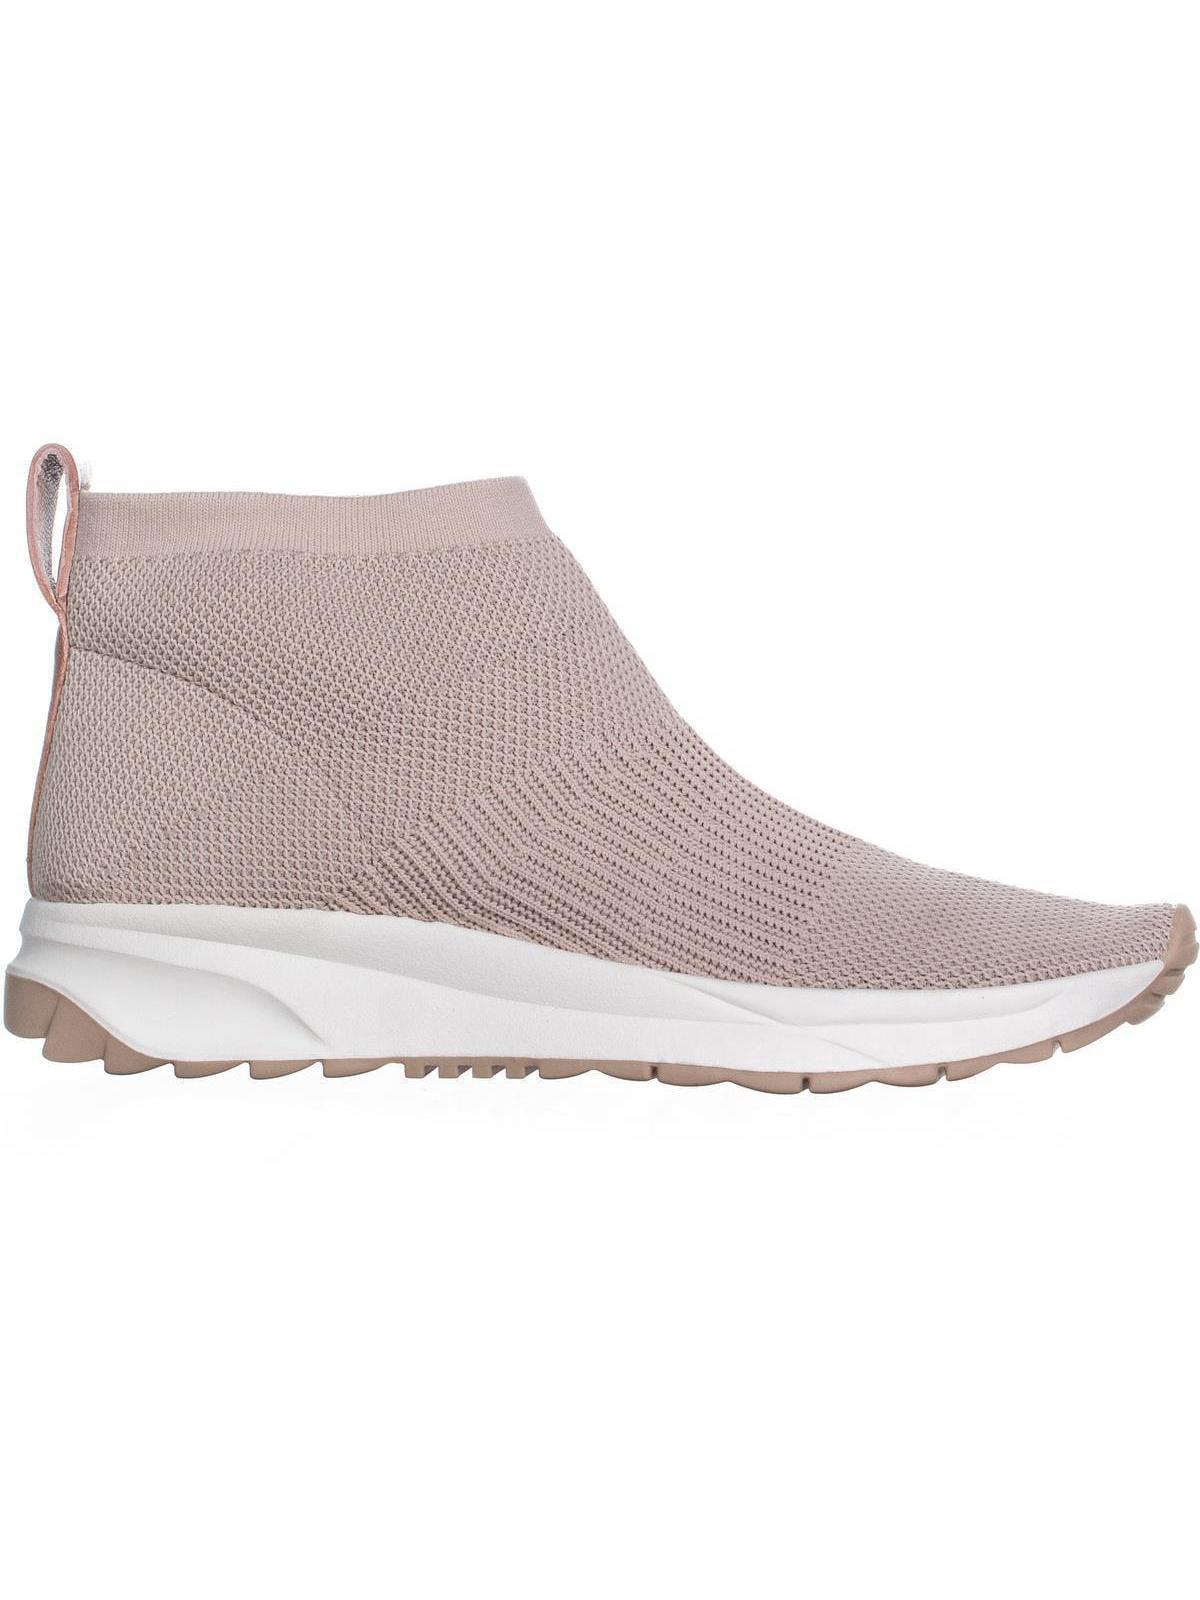 Womens Fashion naturalizer Selena High-Top Fashion Womens Sneakers, Pink 4ecf92